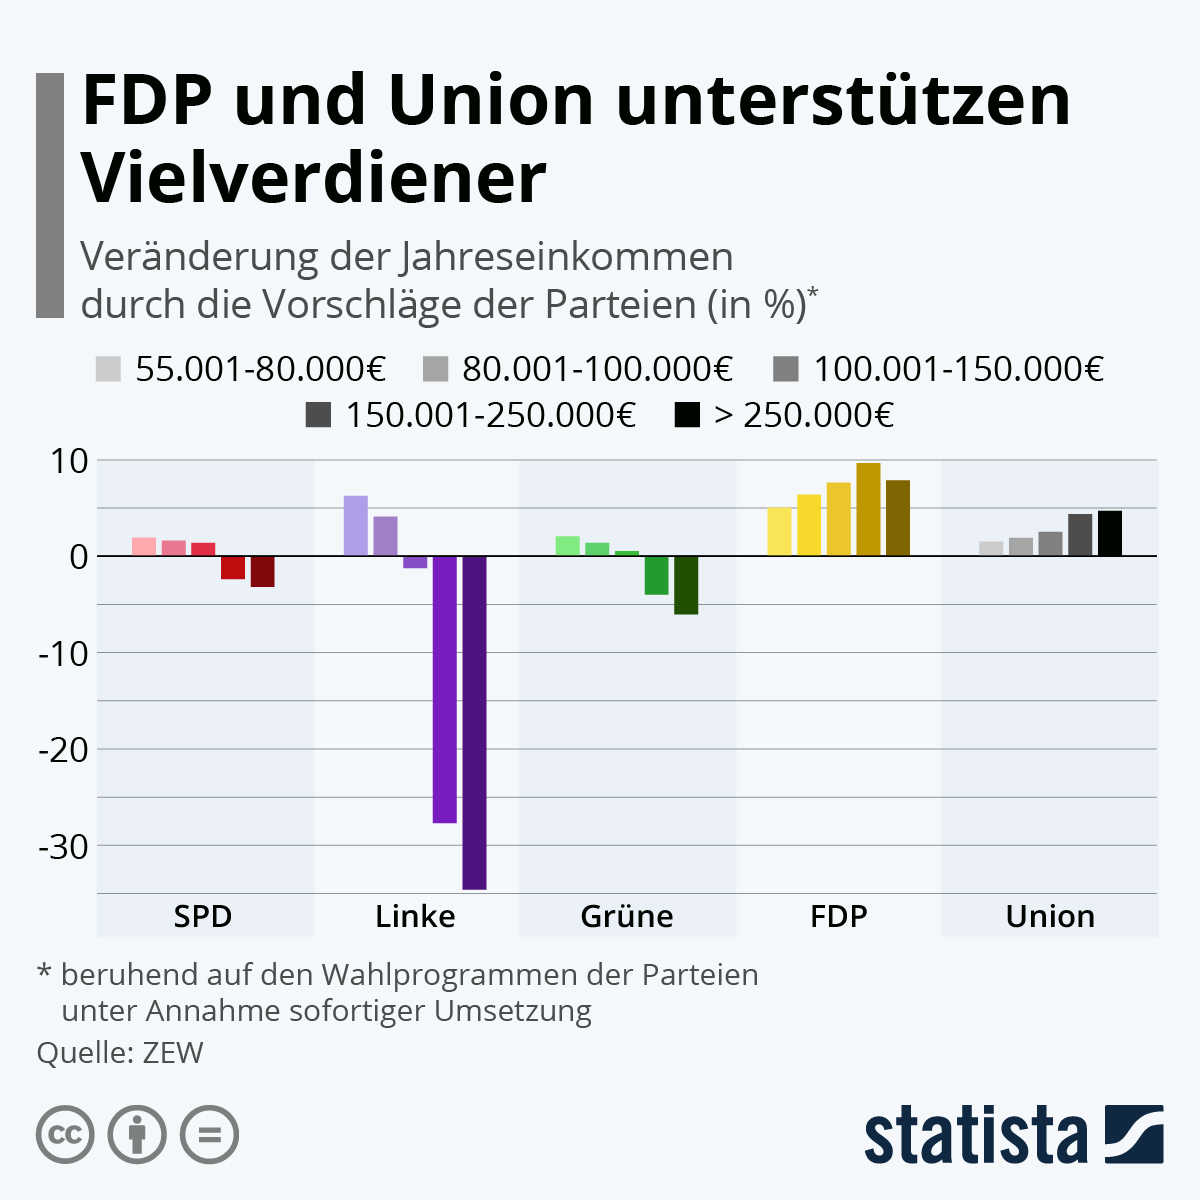 statista.de: FDP und Union unterstützen Vielverdiener